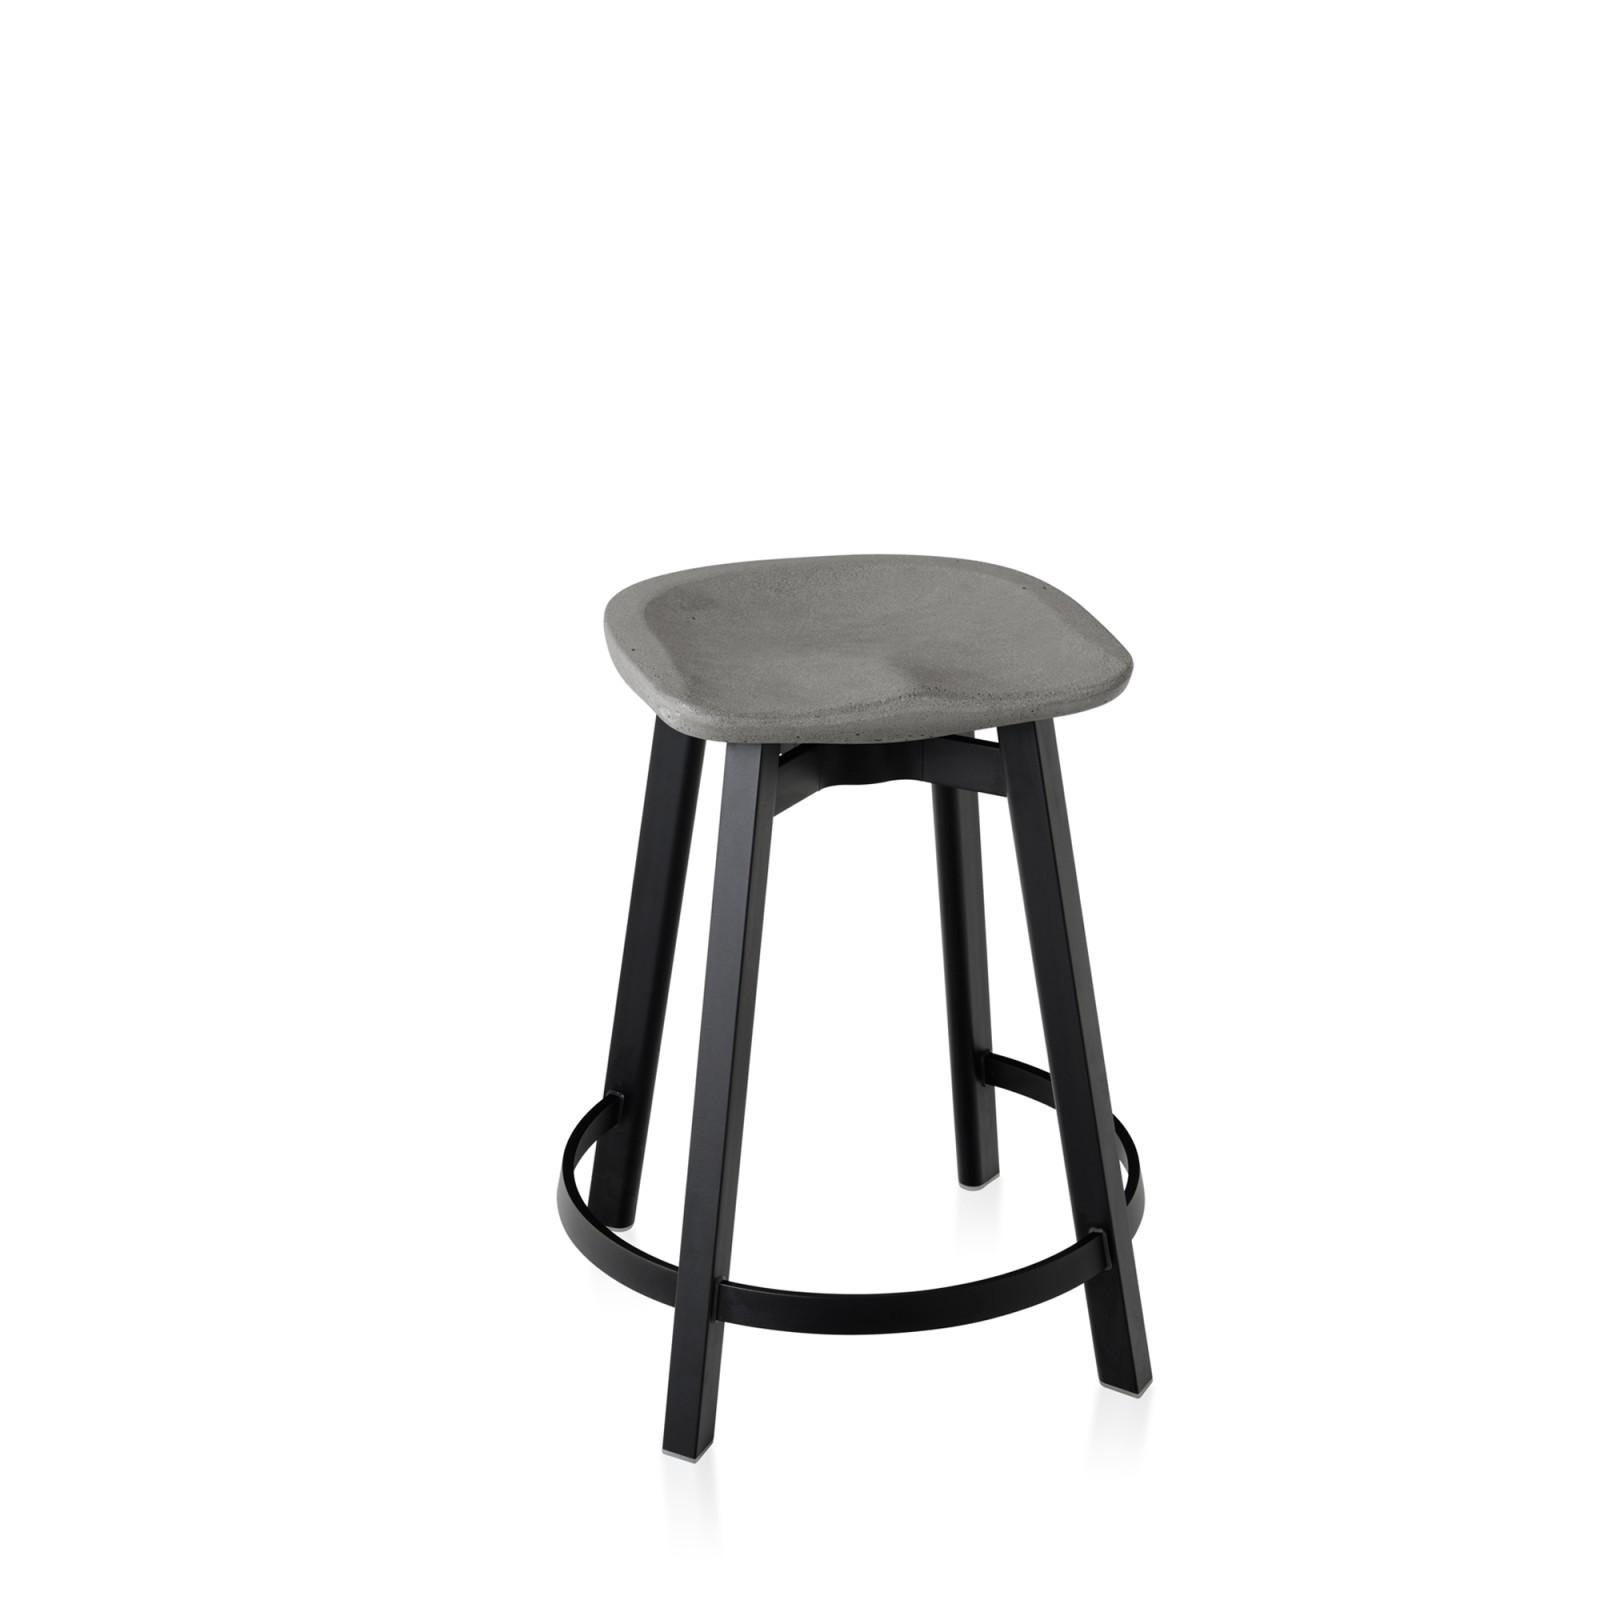 Su Counter Stool Black Aluminium, Flint Grey